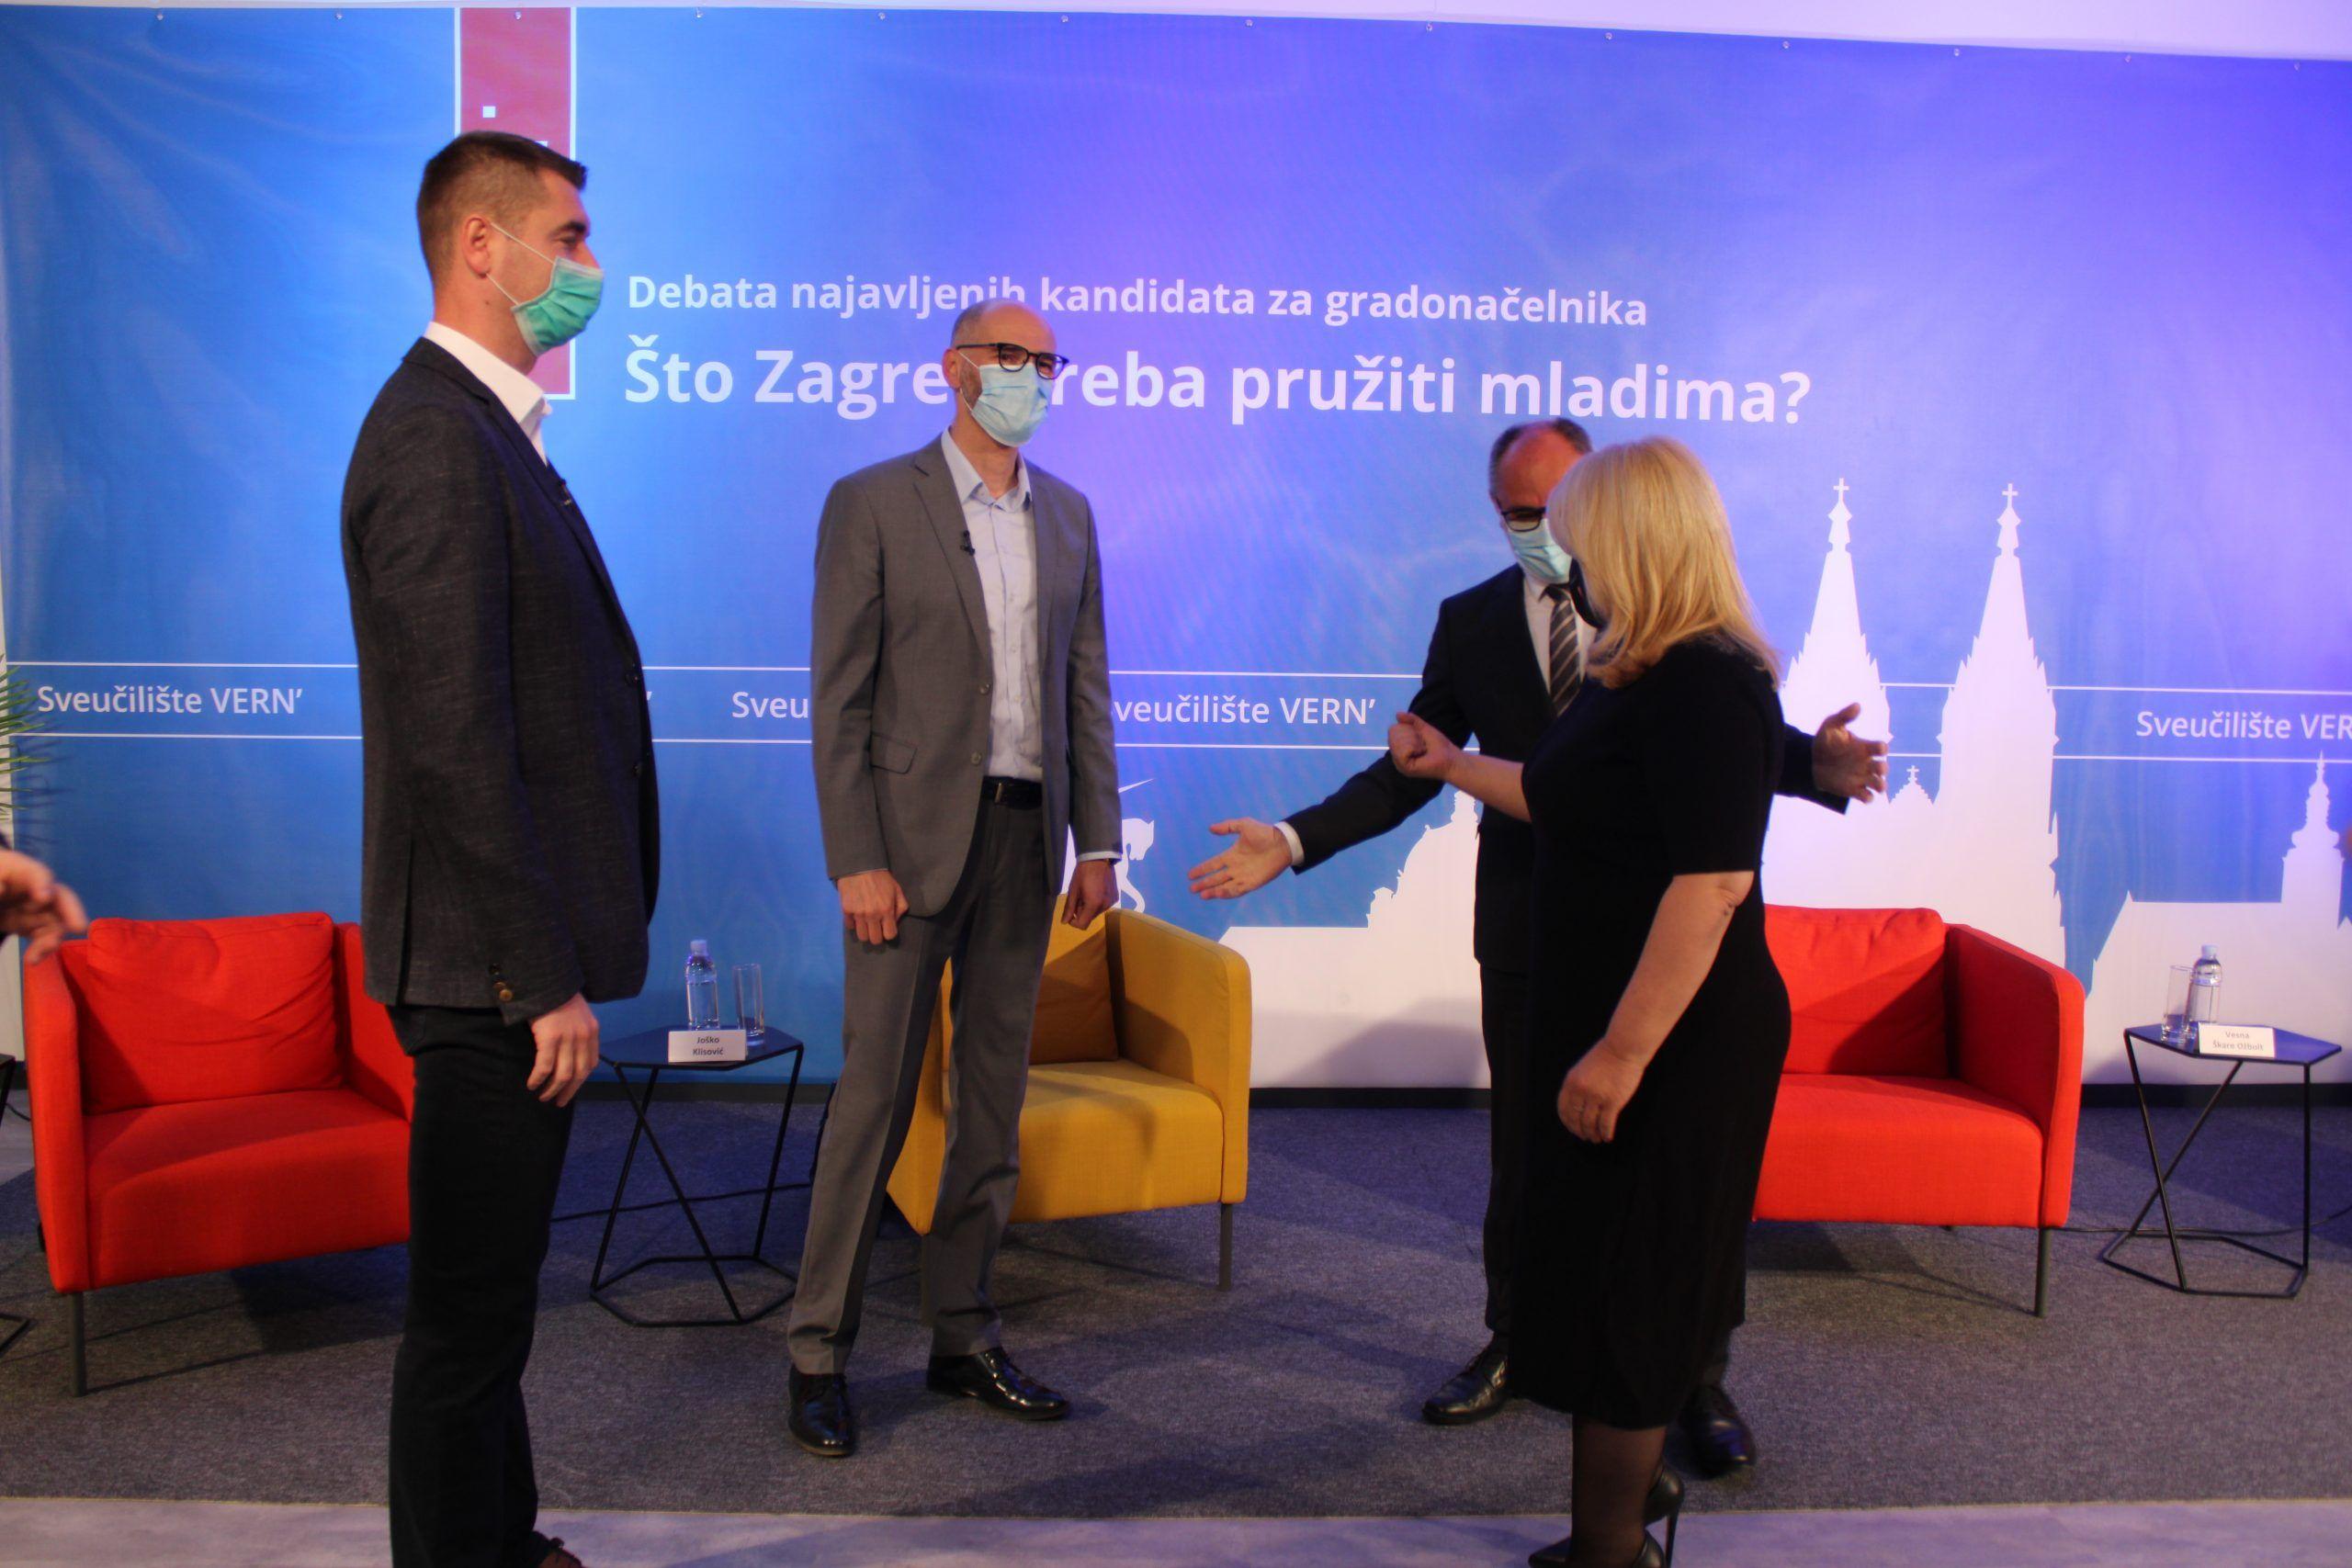 """Škare Ožbolt na debati otresla HDZ-ovog Filipovića: """"Nijedan direktor javnog poduzeća koji hoda okolo po medijima me ne financira kao vas, moju kampanju ne financira nitko"""""""